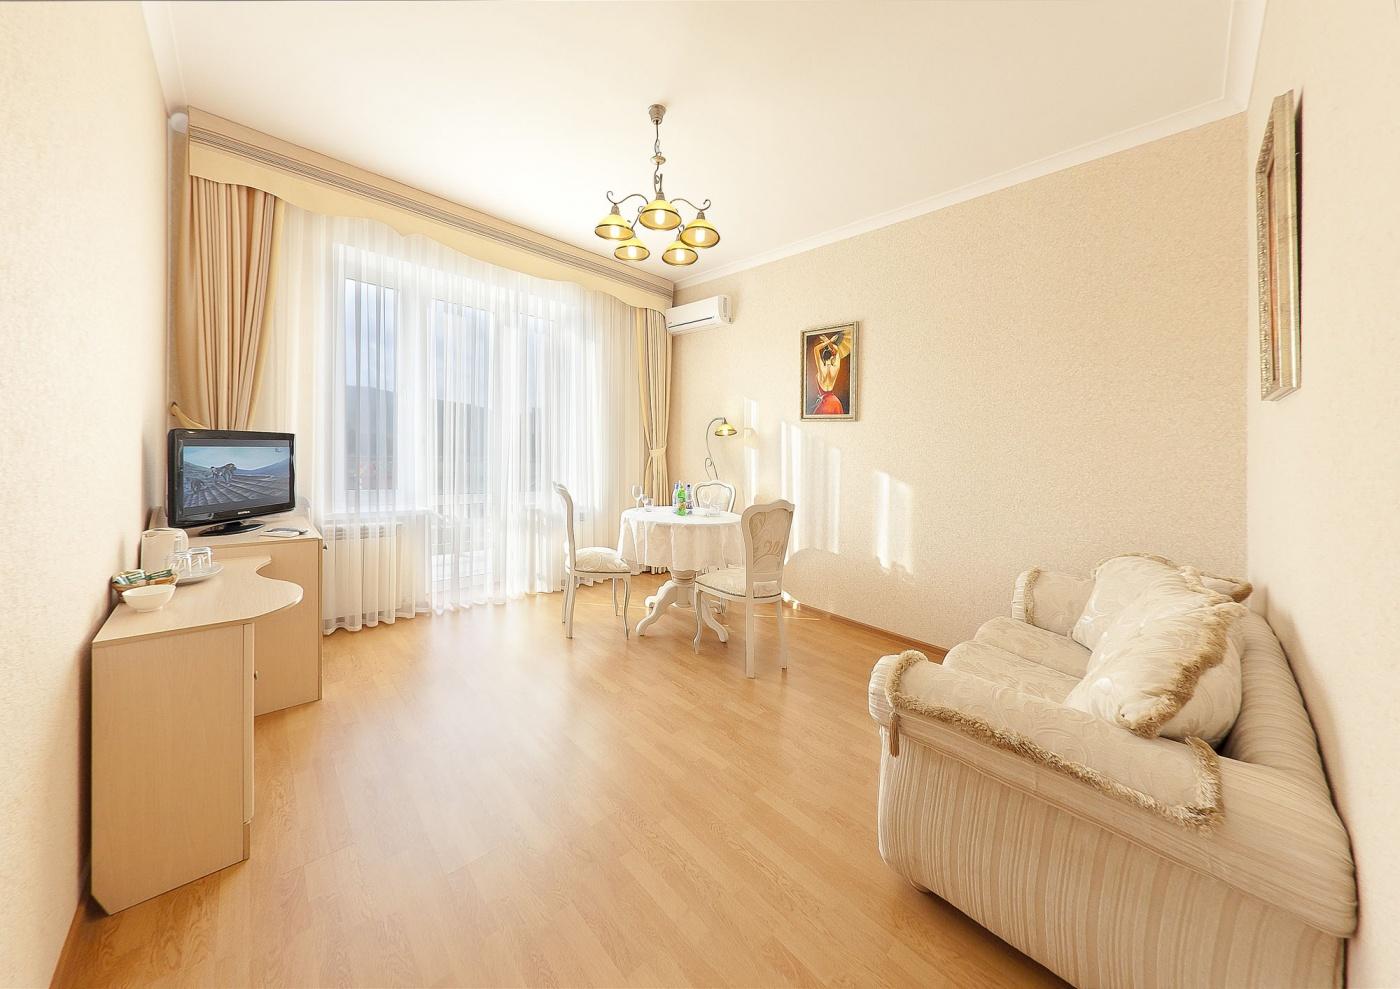 Отель «Бонжур» Краснодарский край Люкс 2-комнатный , фото 2